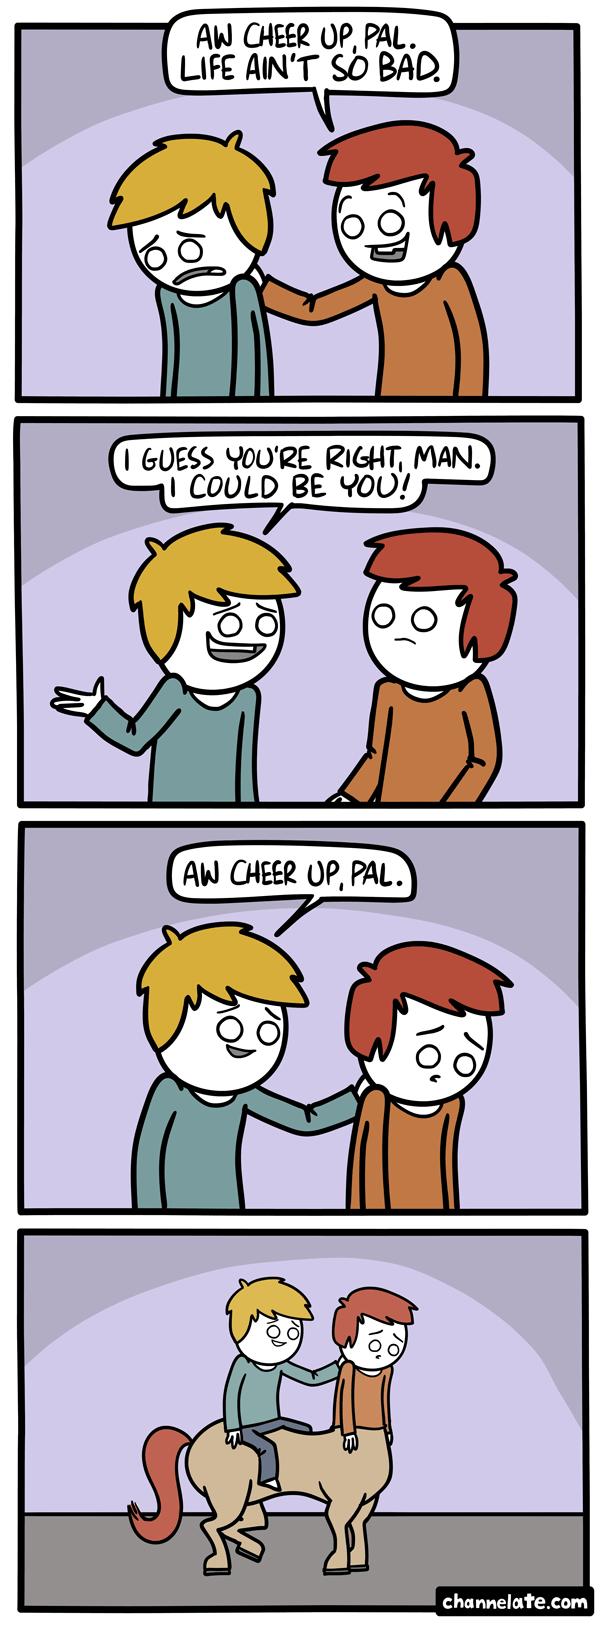 Cheer up.